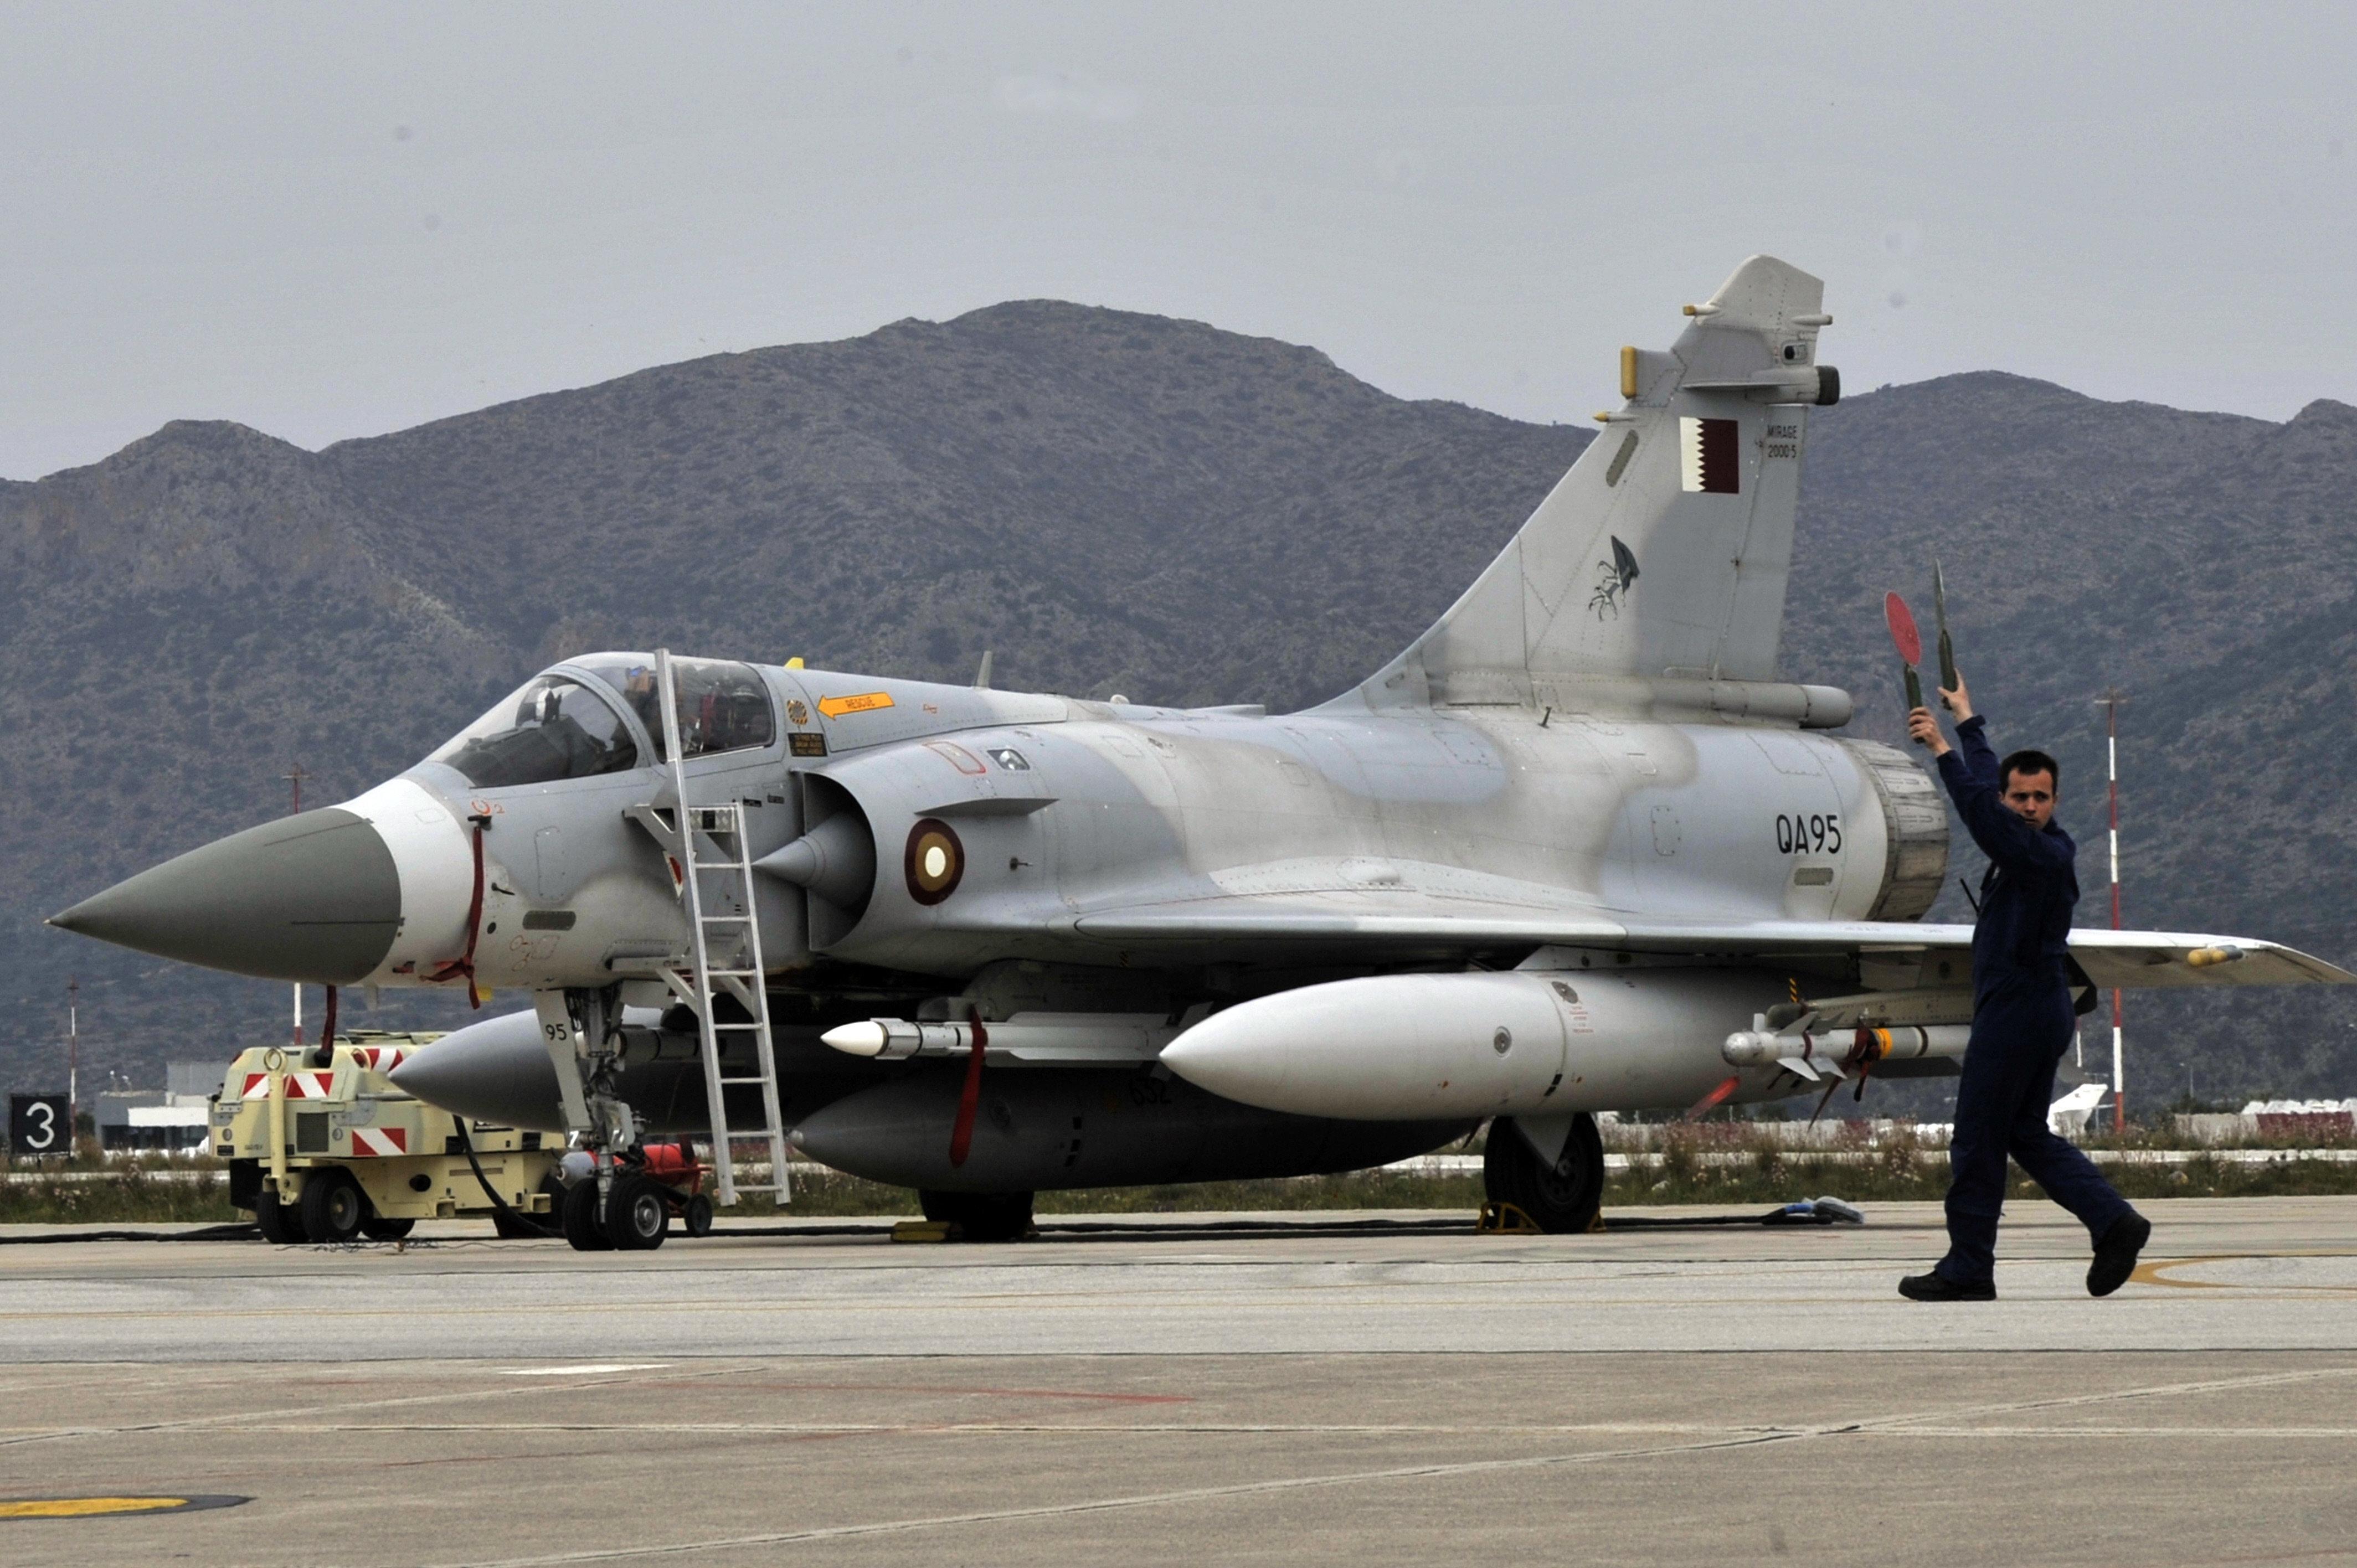 Όσα γνωρίζουμε για την πτώση του Mirage 2000-5 στη